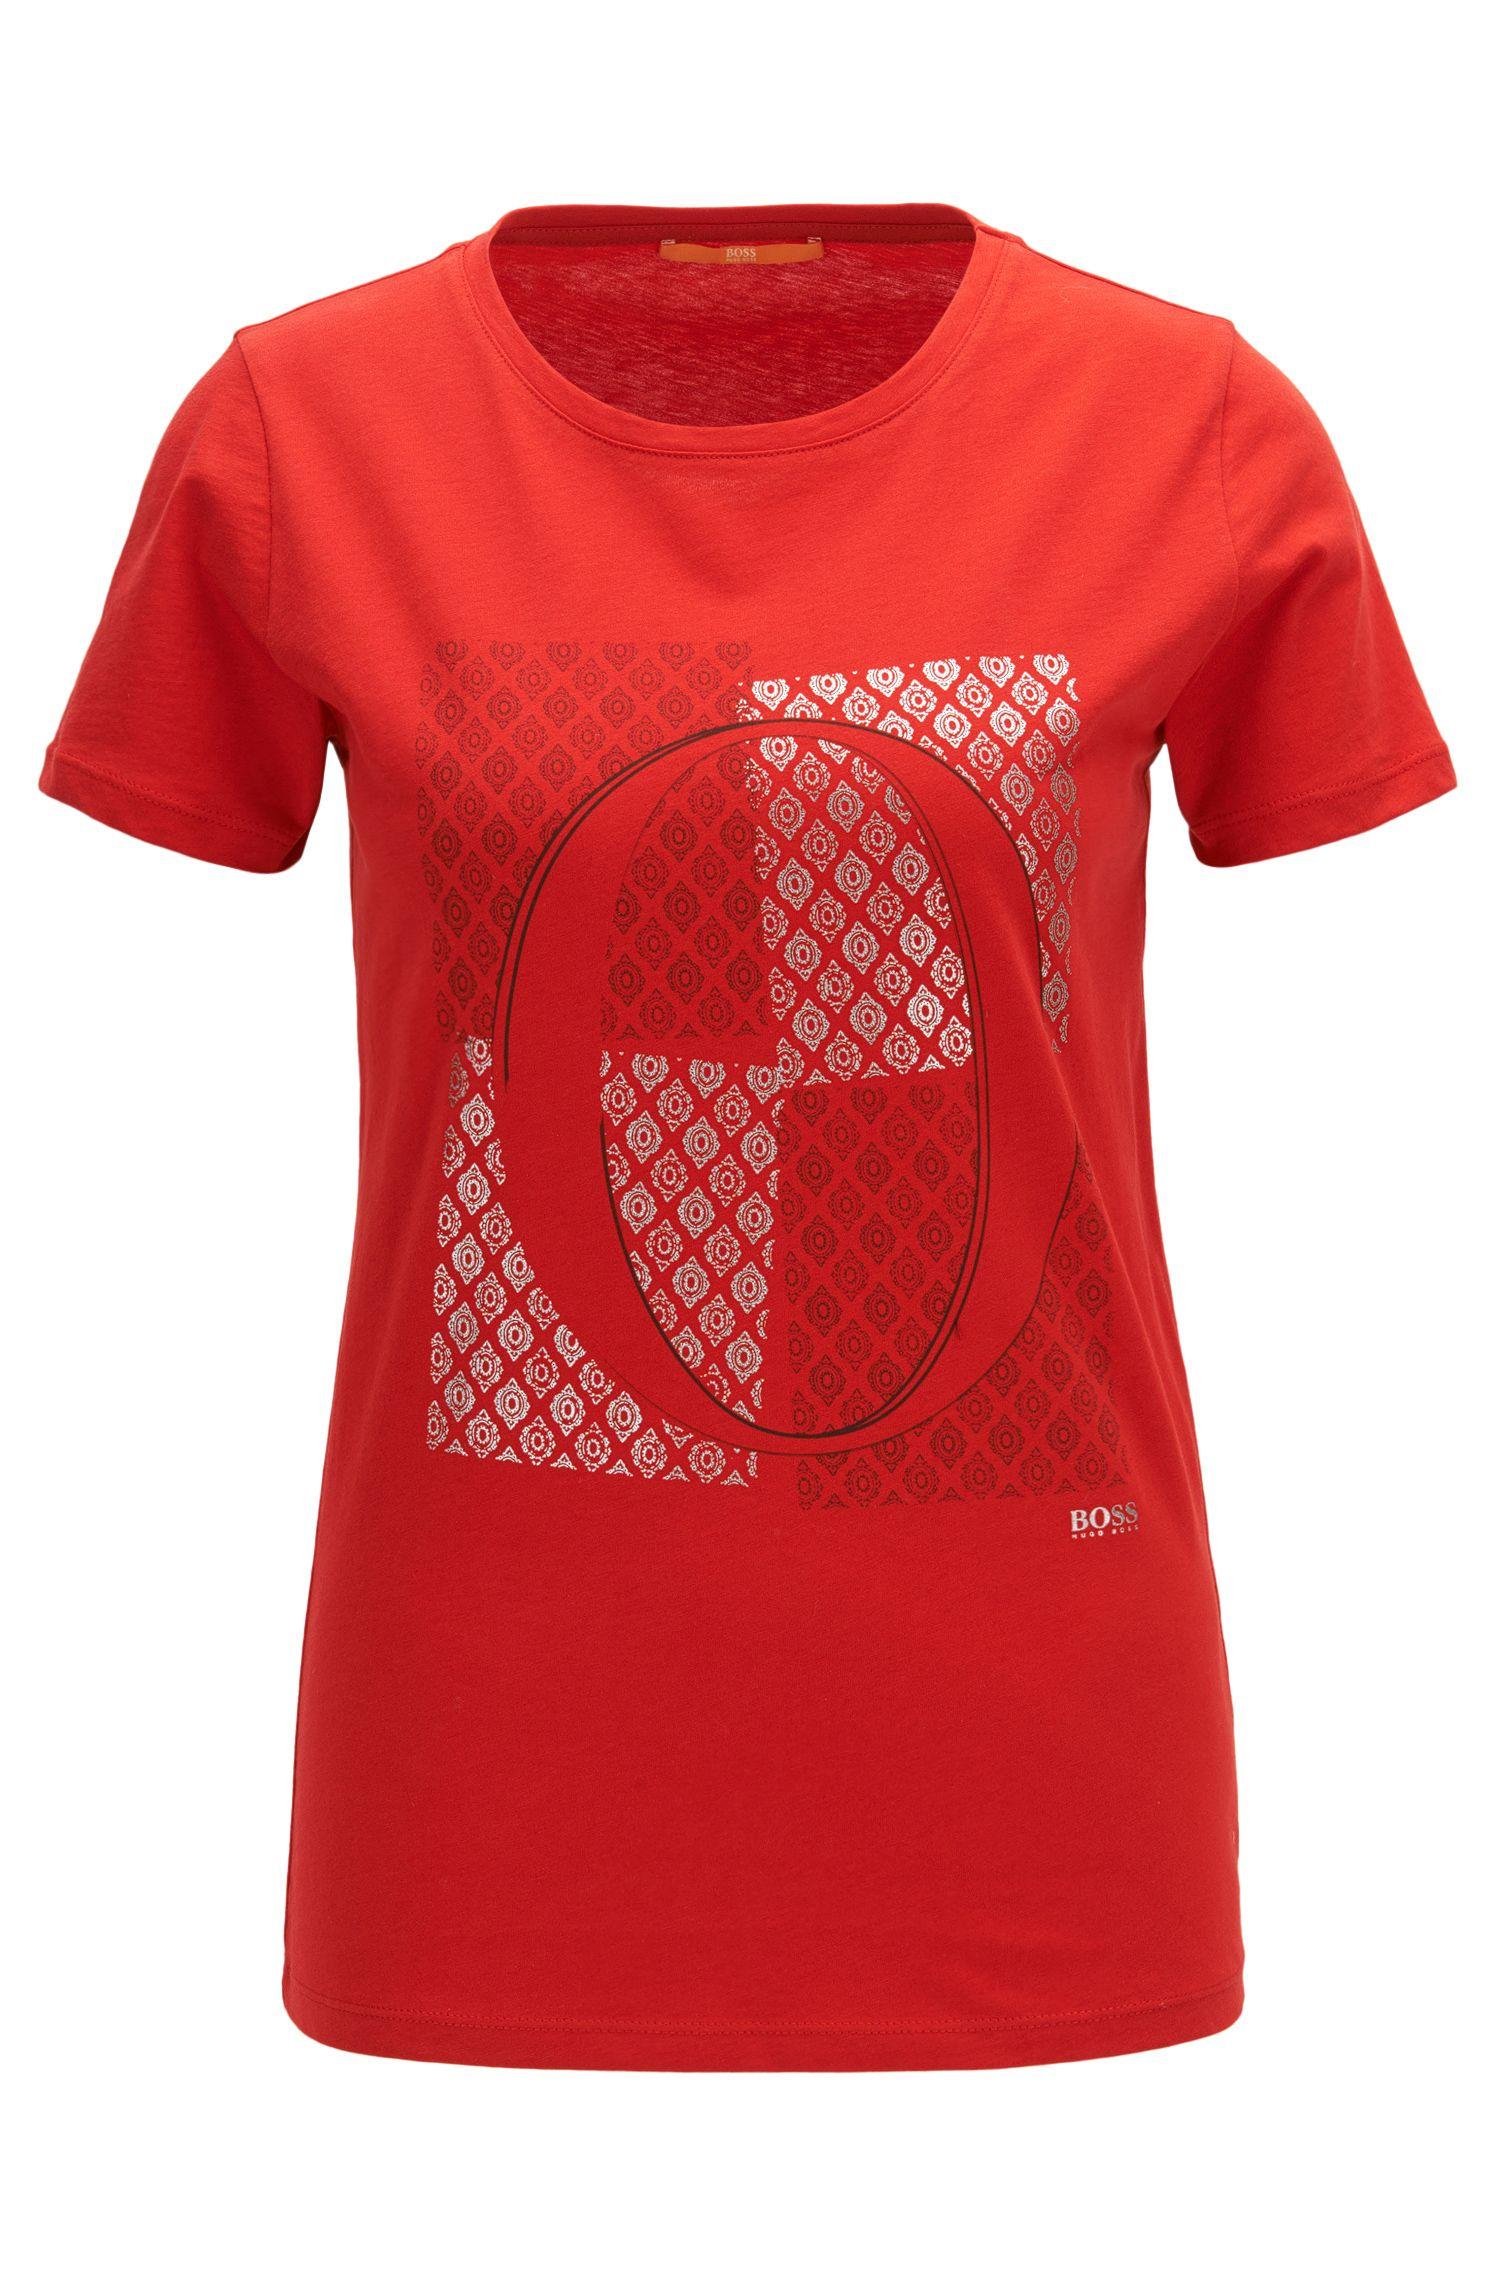 T-shirt slim fit in cotone con stemma stampato